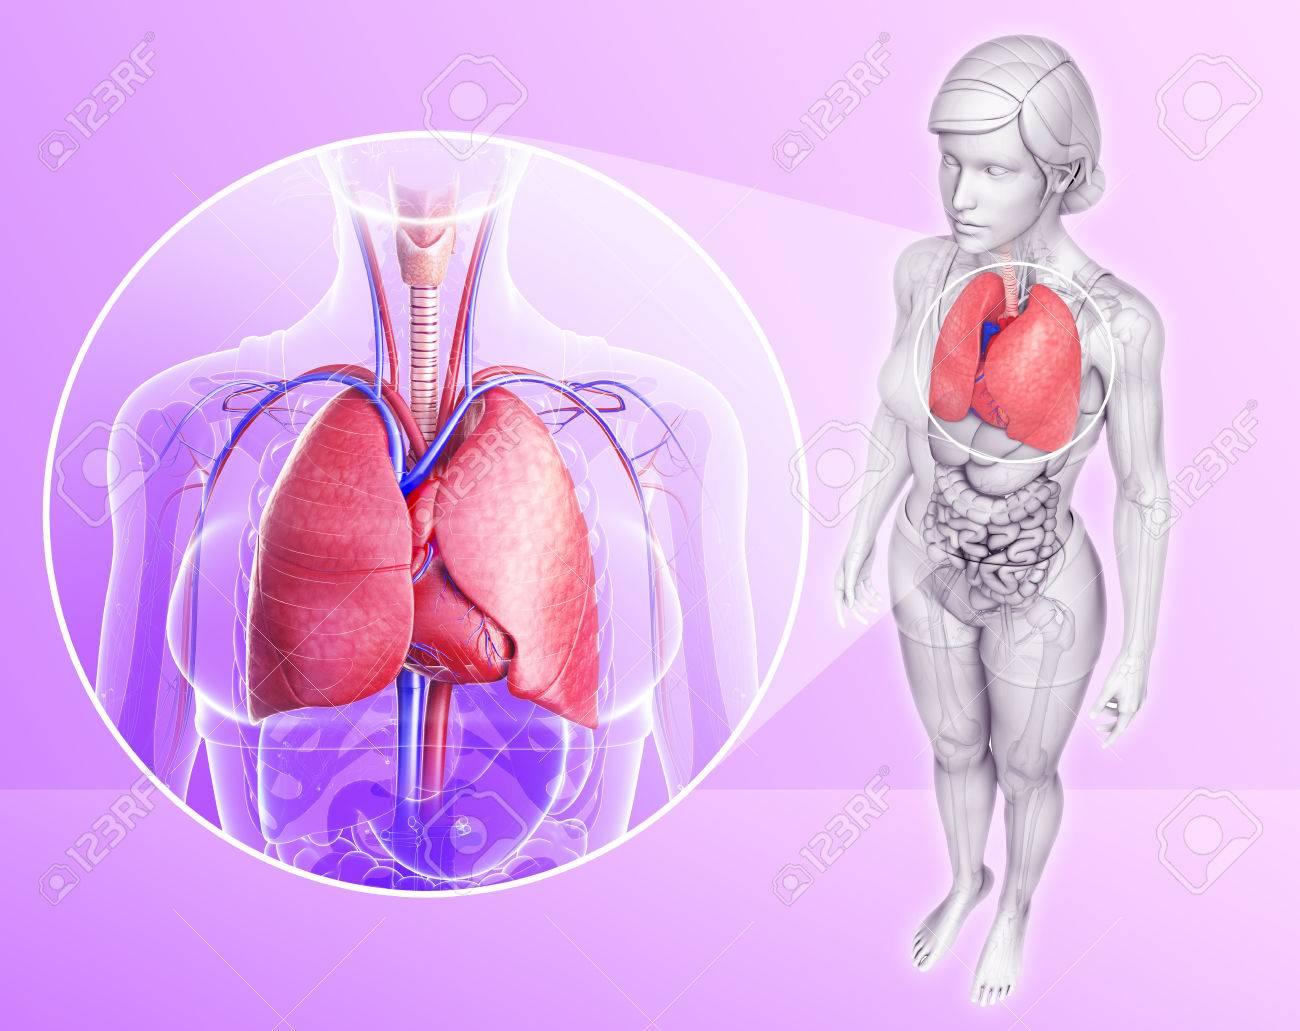 Ilustración De La Anatomía Humana Pulmones Fotos, Retratos, Imágenes ...